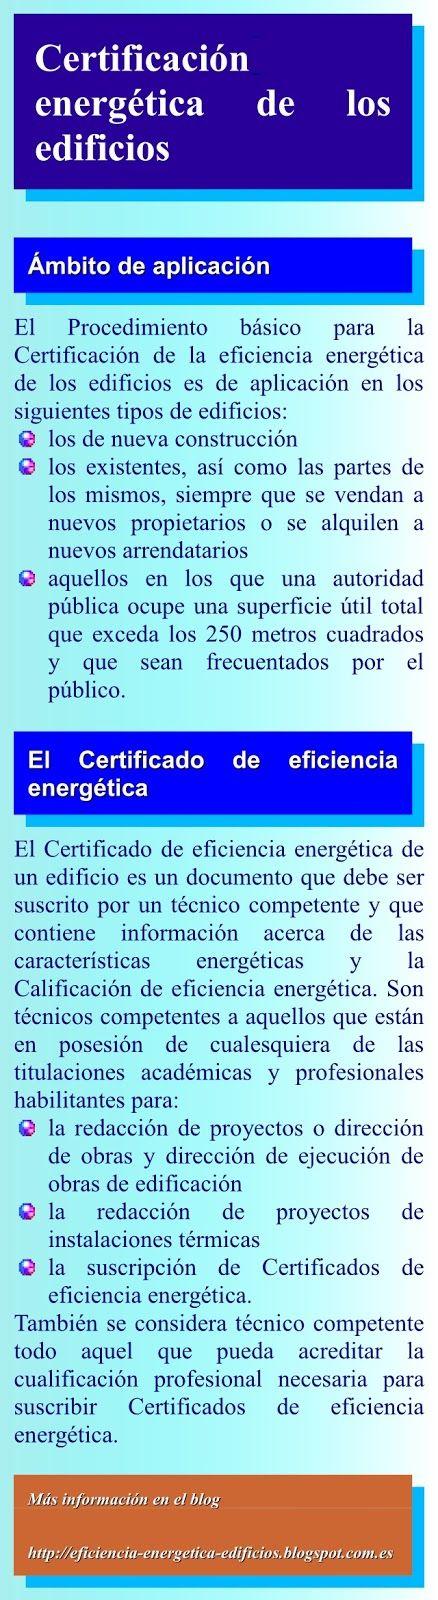 Certificación de la eficiencia energética de los edificios: Info02 : La certificación energética de los edificios